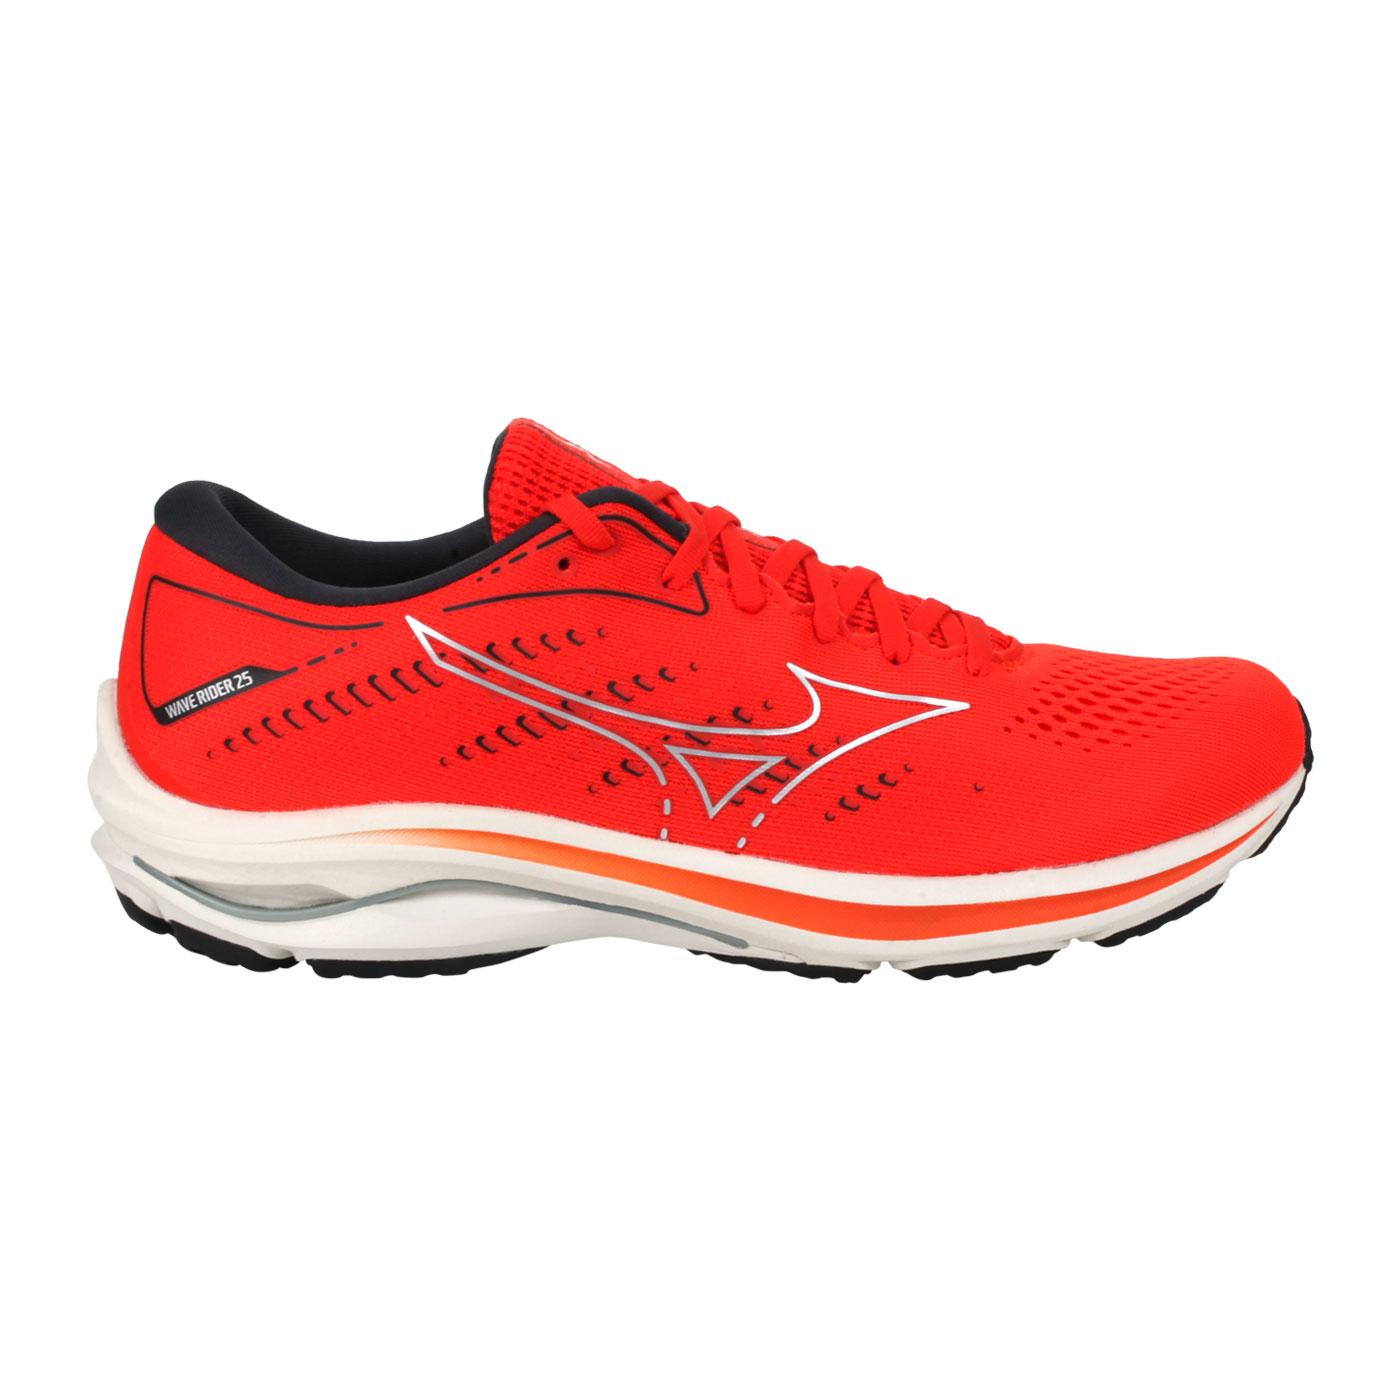 MIZUNO 特定-男款慢跑鞋  @WAVE RIDER 25@J1GC210394 - 橘灰